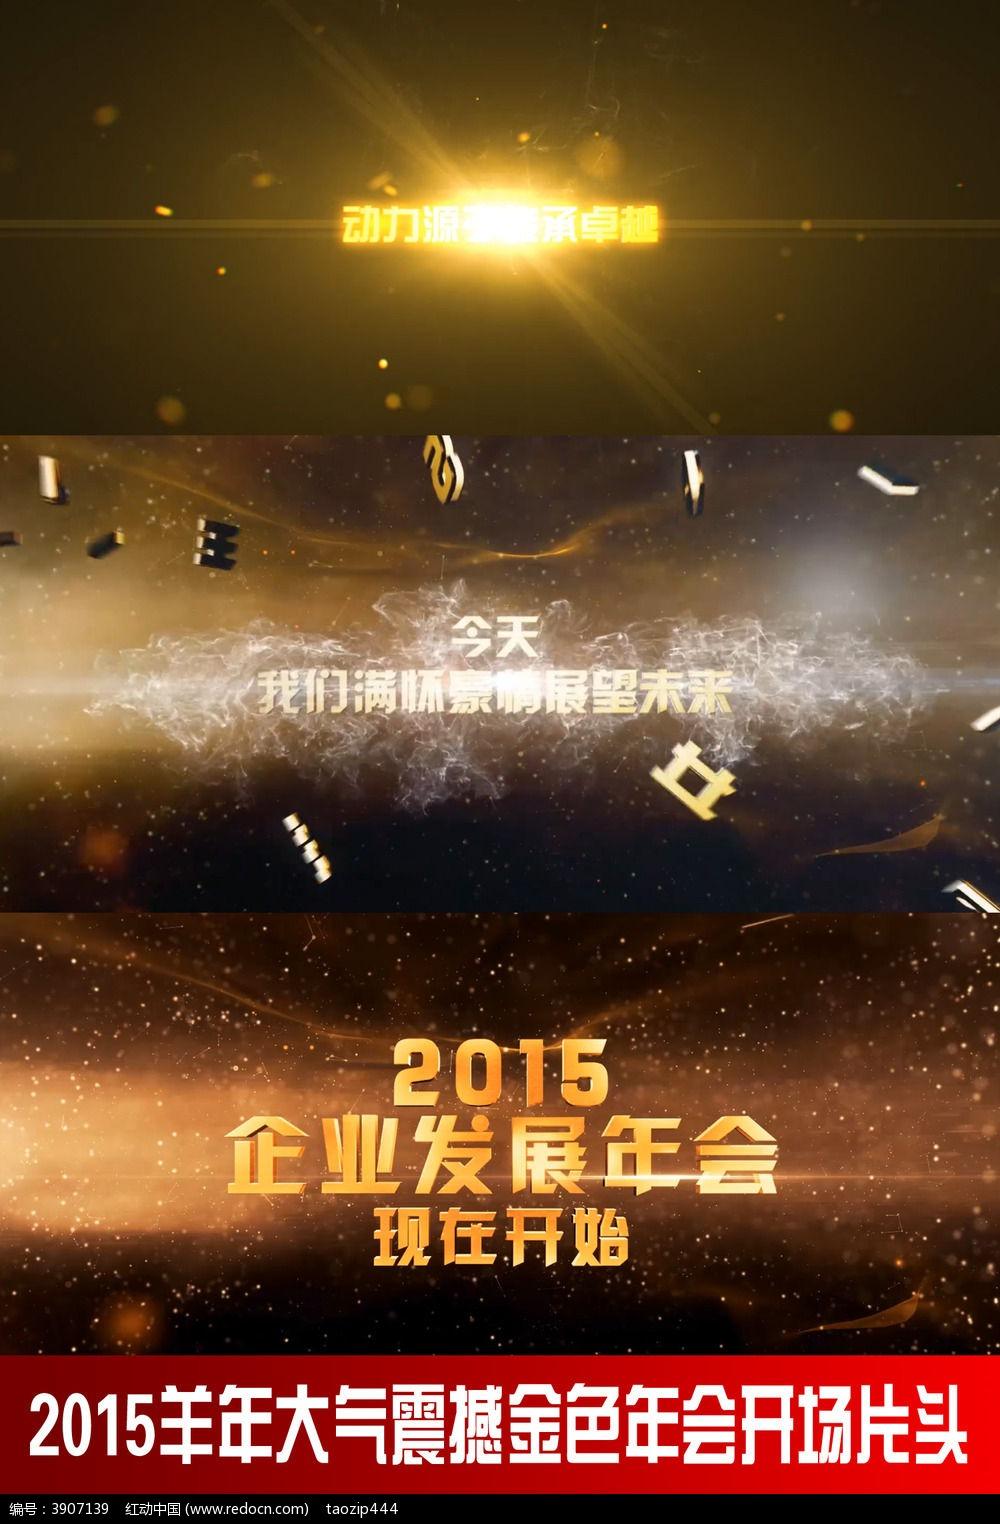 大气震撼金色2015羊年年会开场片头_视频素材